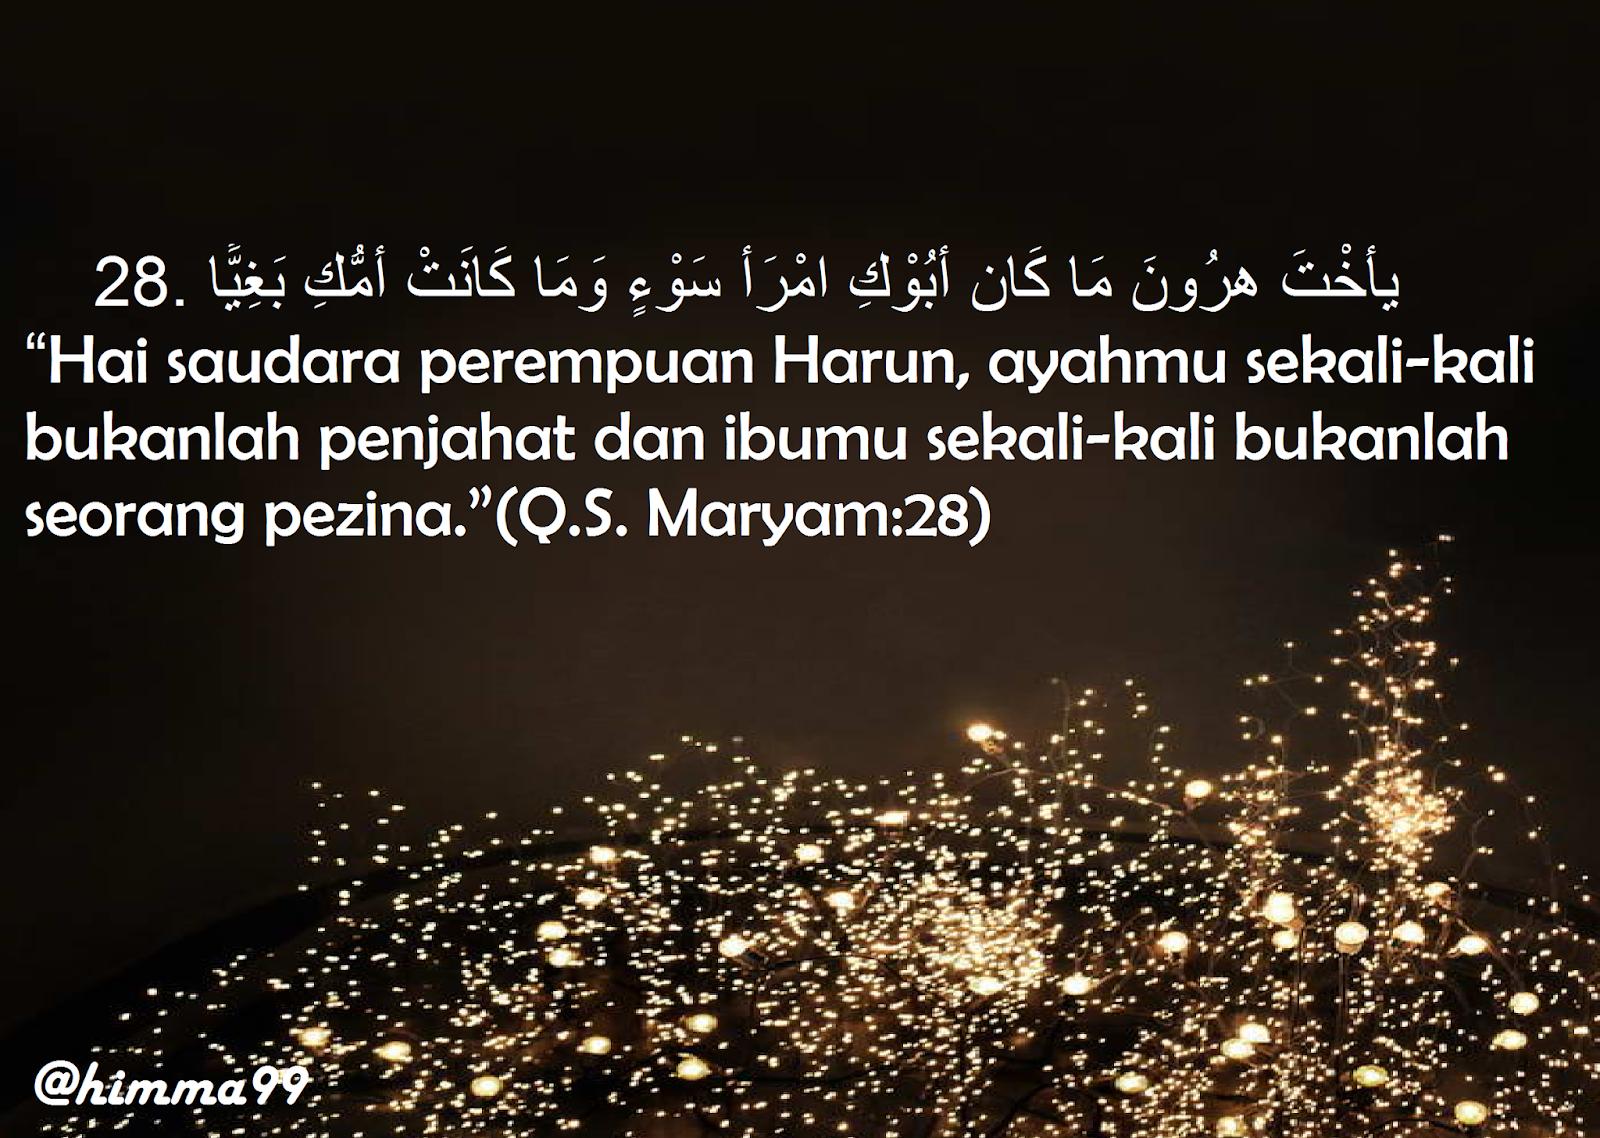 Melangkah Menjadi Lebih Baik Tafsir Quran Surat Maryam Ayat 28